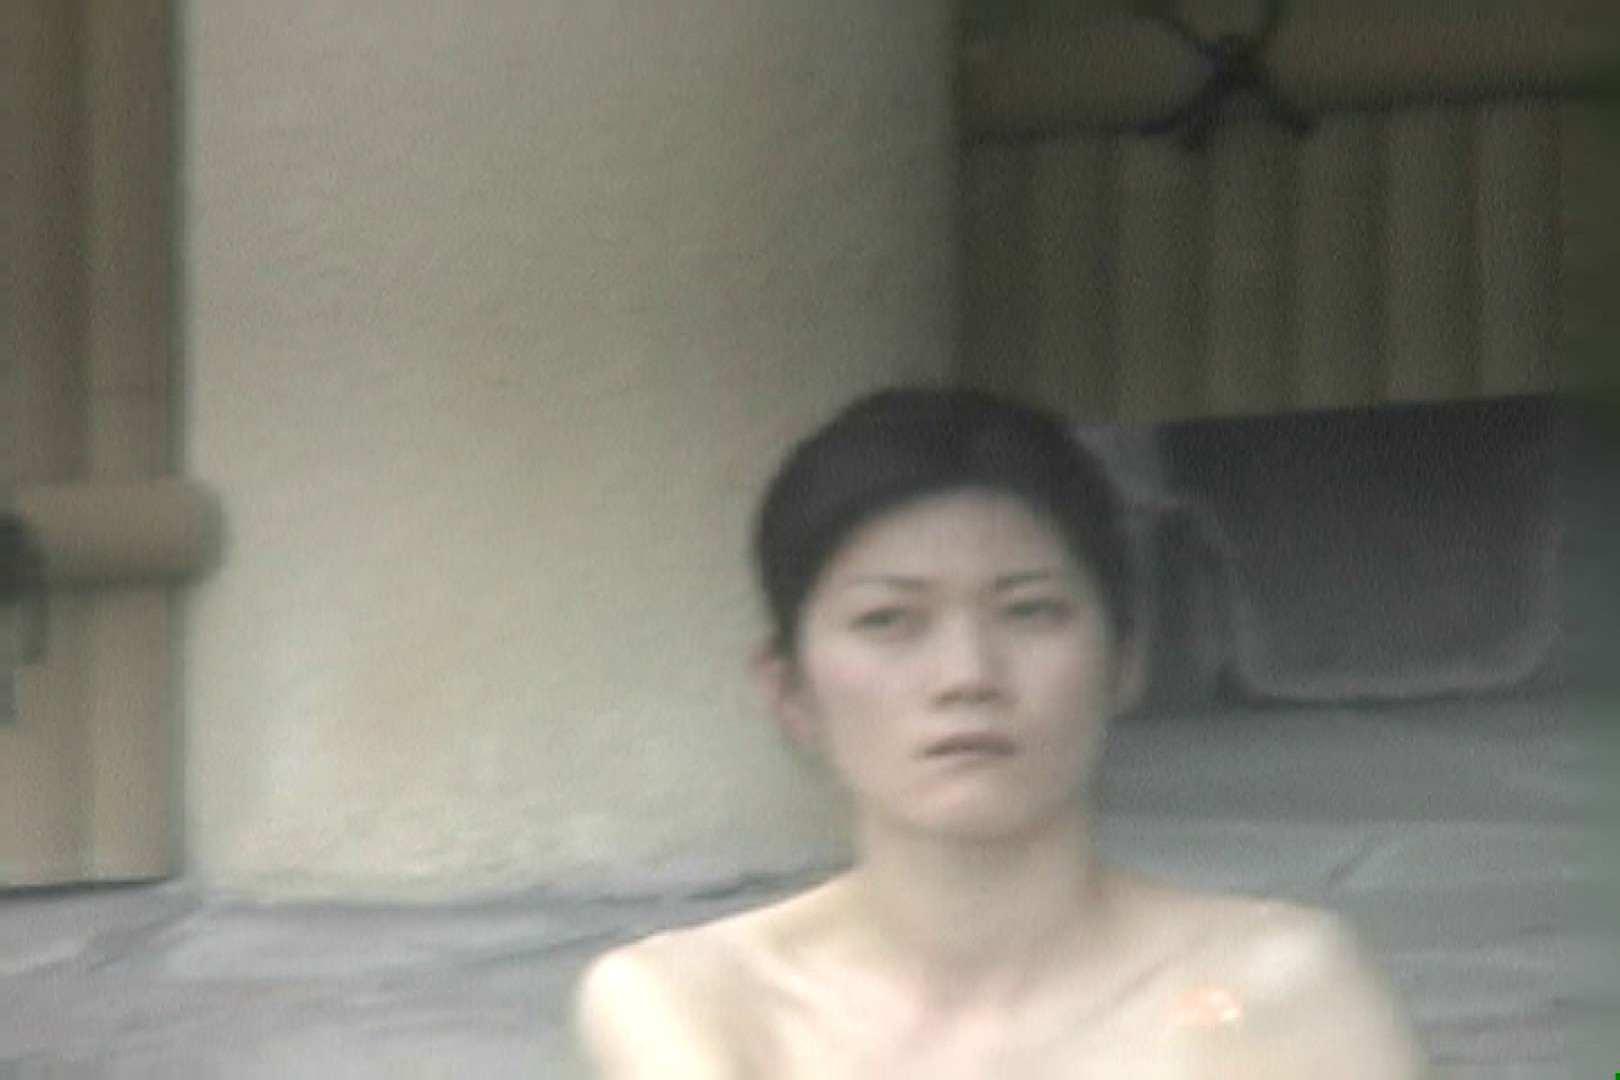 Aquaな露天風呂Vol.686 0   0  83pic 81